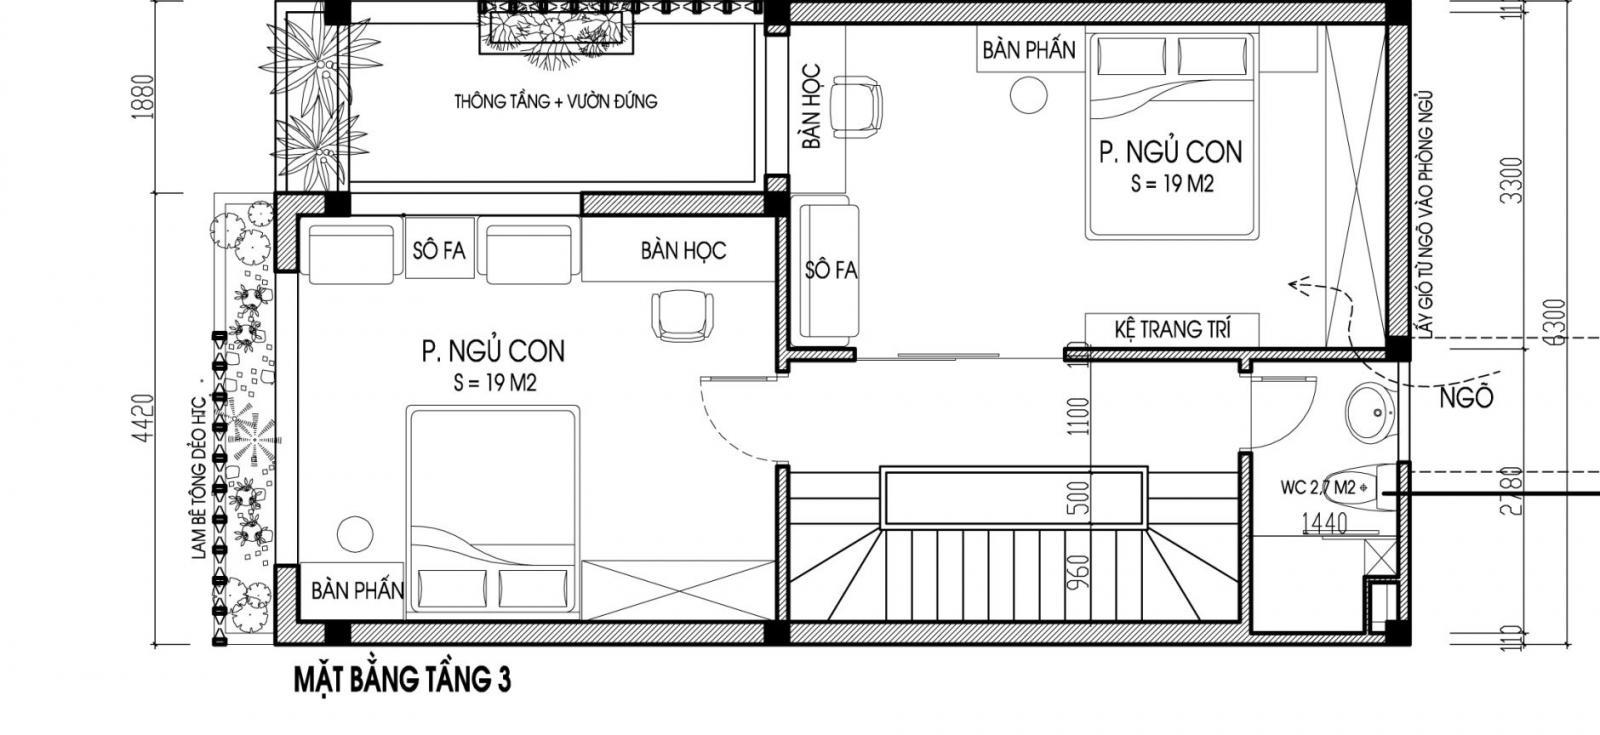 hình ảnh mặt bằng bố trí nội thất tầng 3 nhà ống